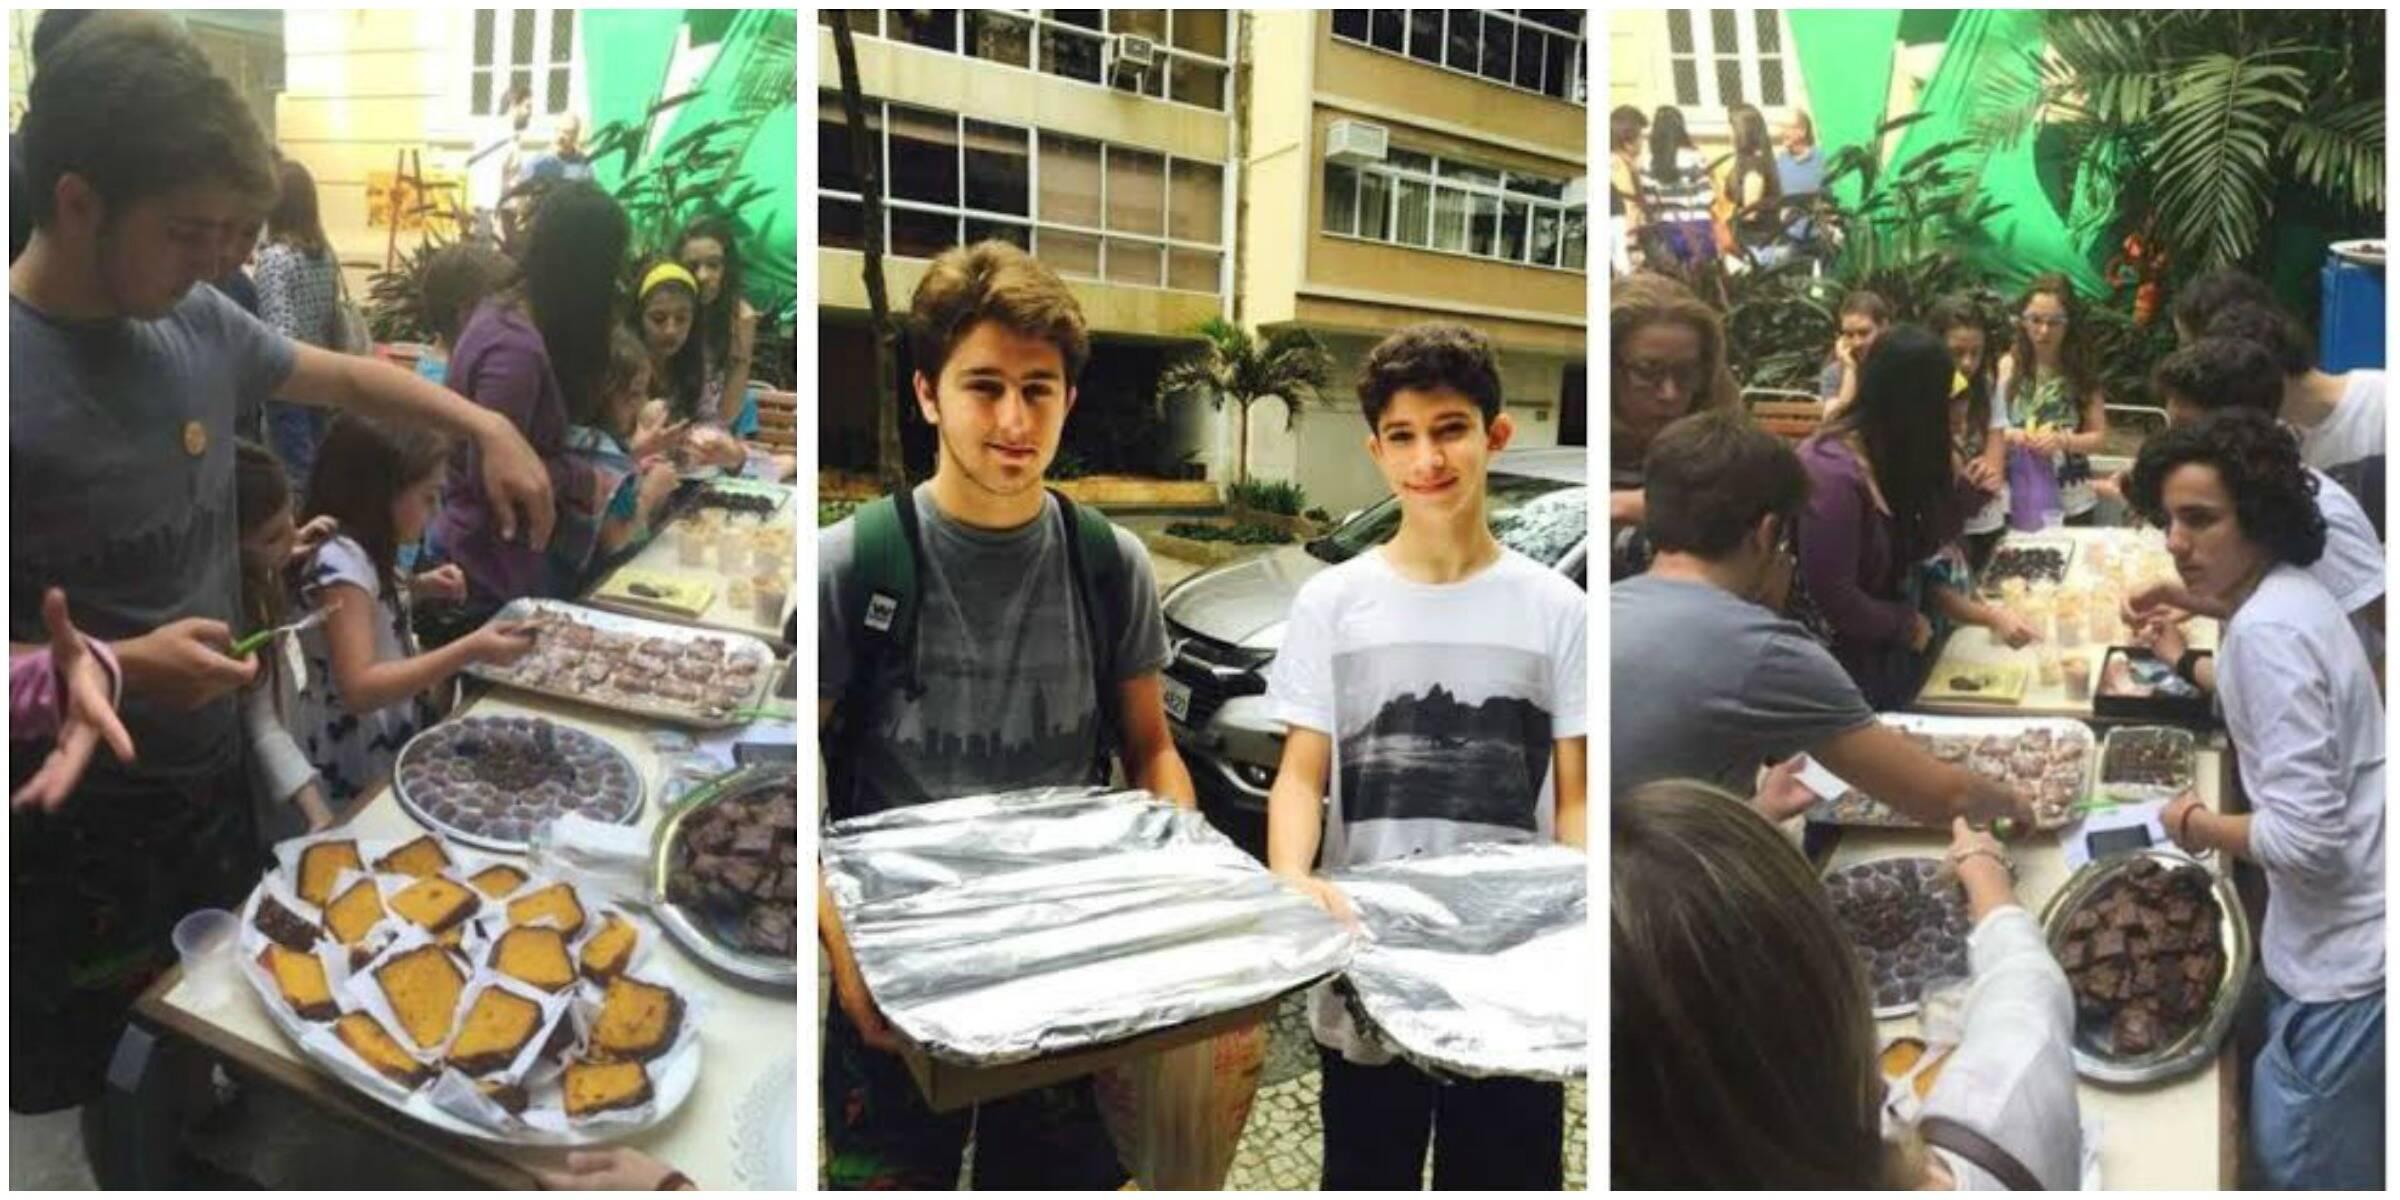 Boa ação entre os alunos da Escola Israelita: os alunos regulares estão ajudando os bolsistas a conseguir dinheiro para uma viagem / Foto: divulgação